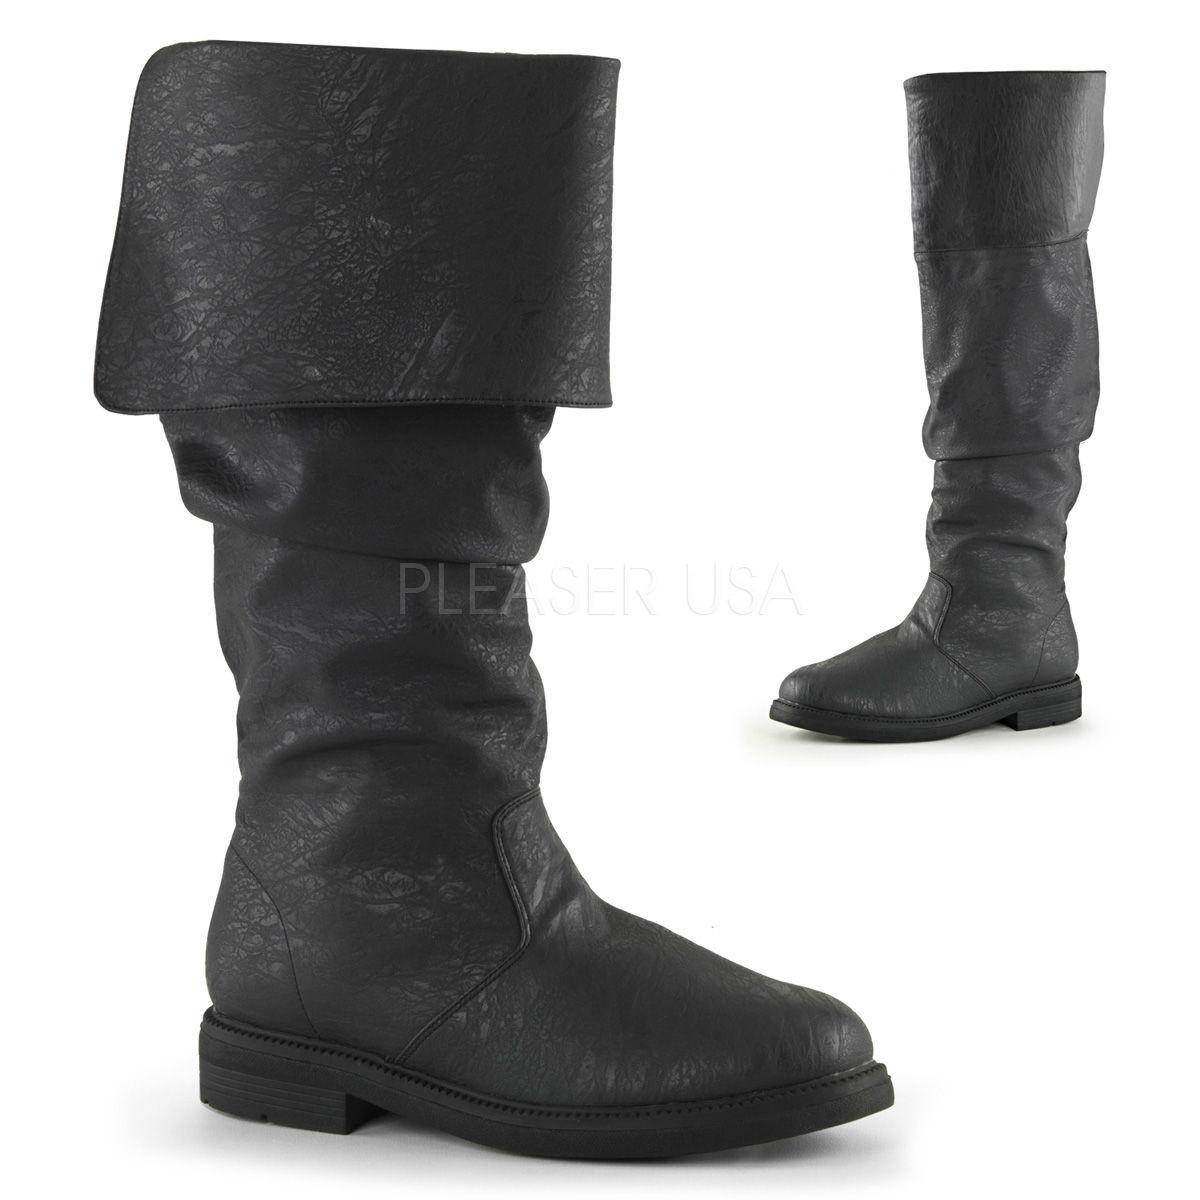 e53a9b95 botas-de-hombre-en-cuero-sintetico-envejecido-para-disfraz-medieval.jpg